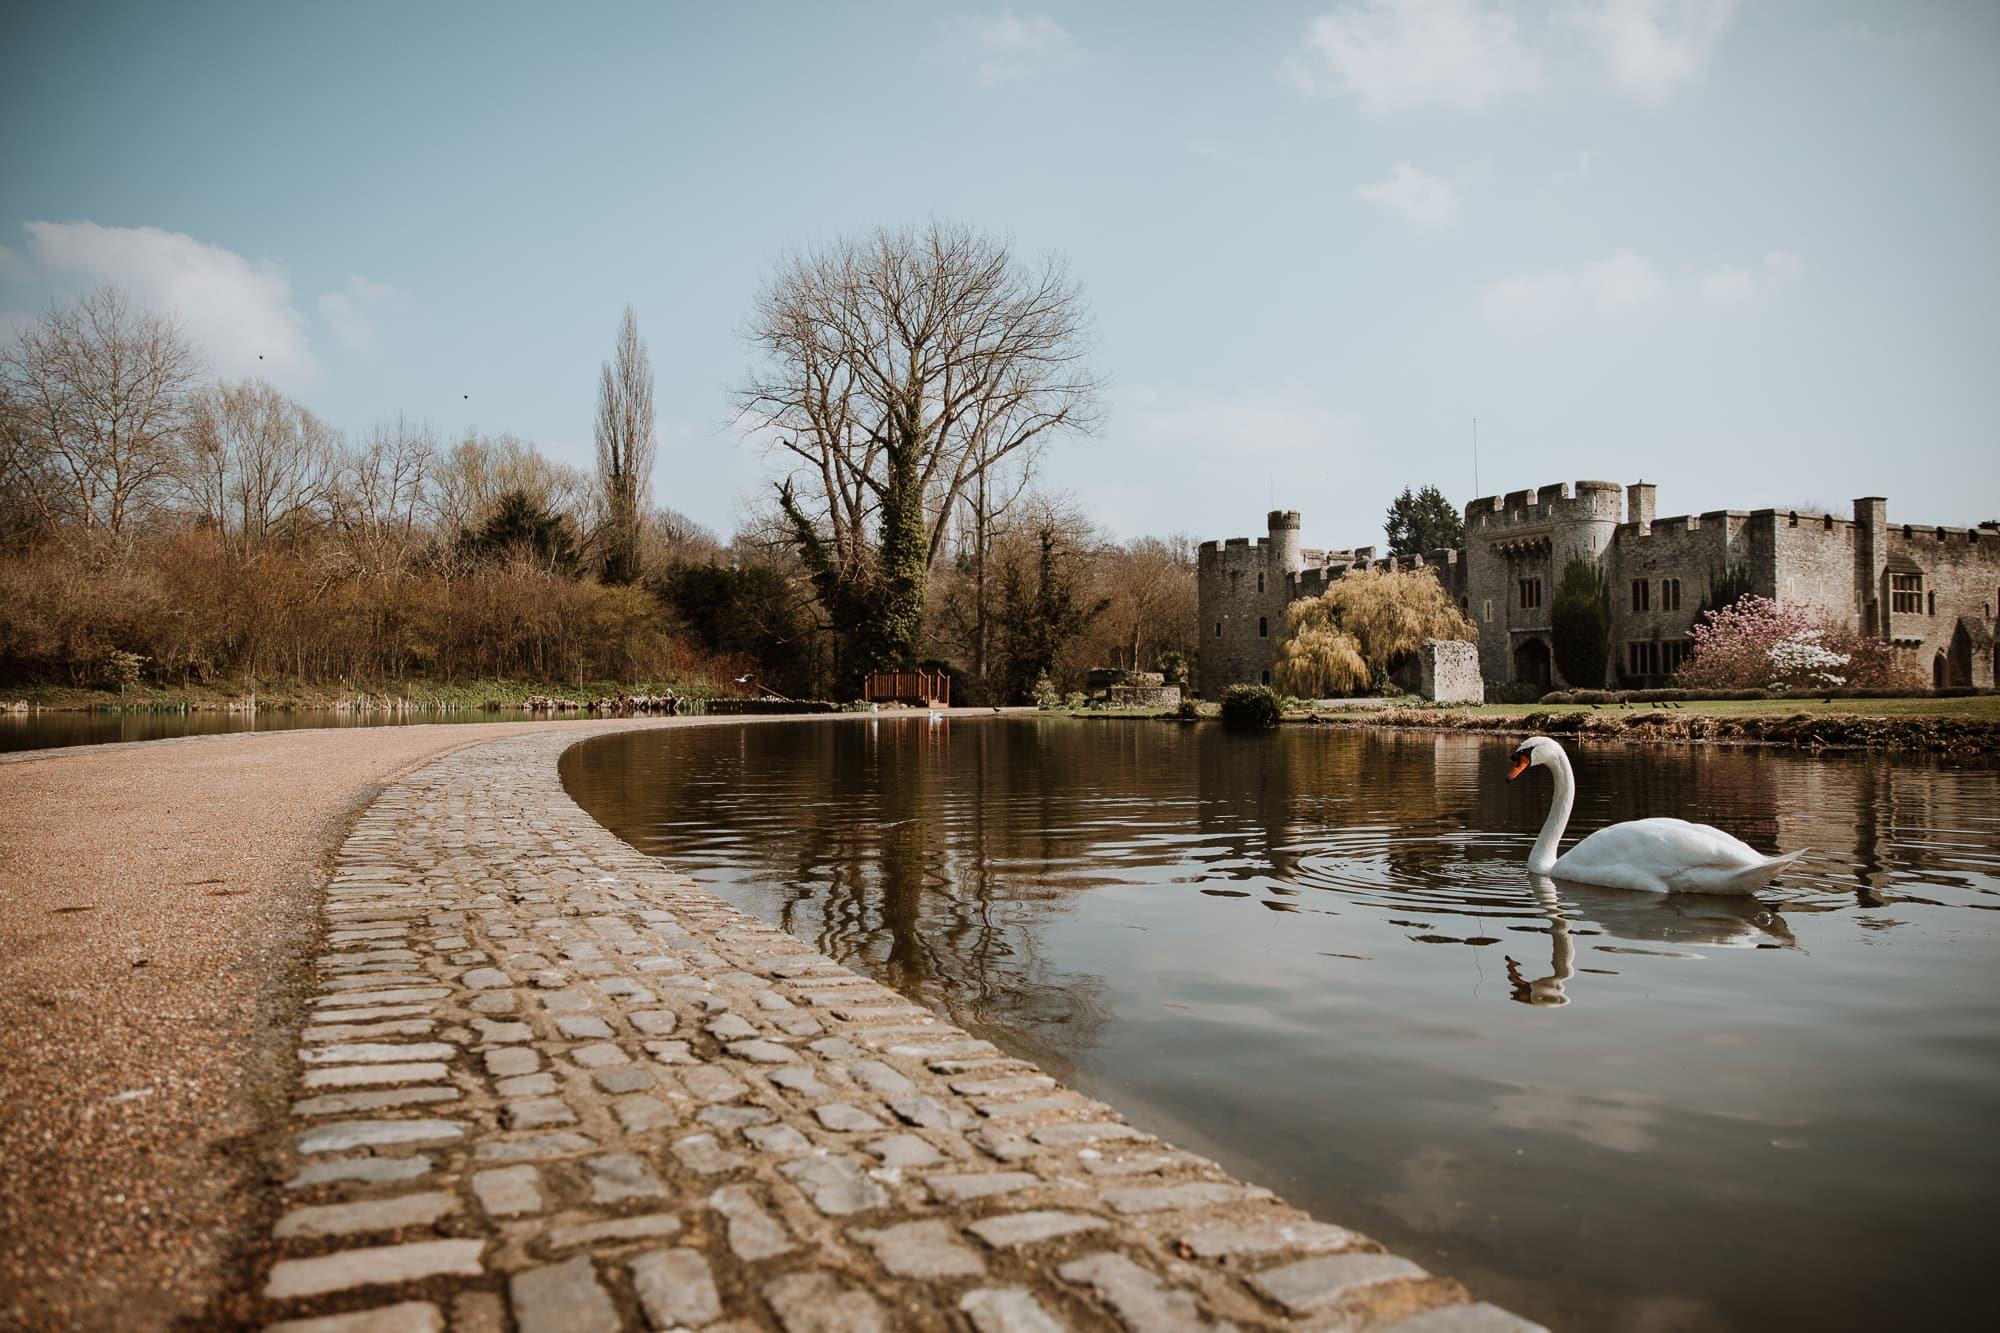 Swan in front of Allington Castle